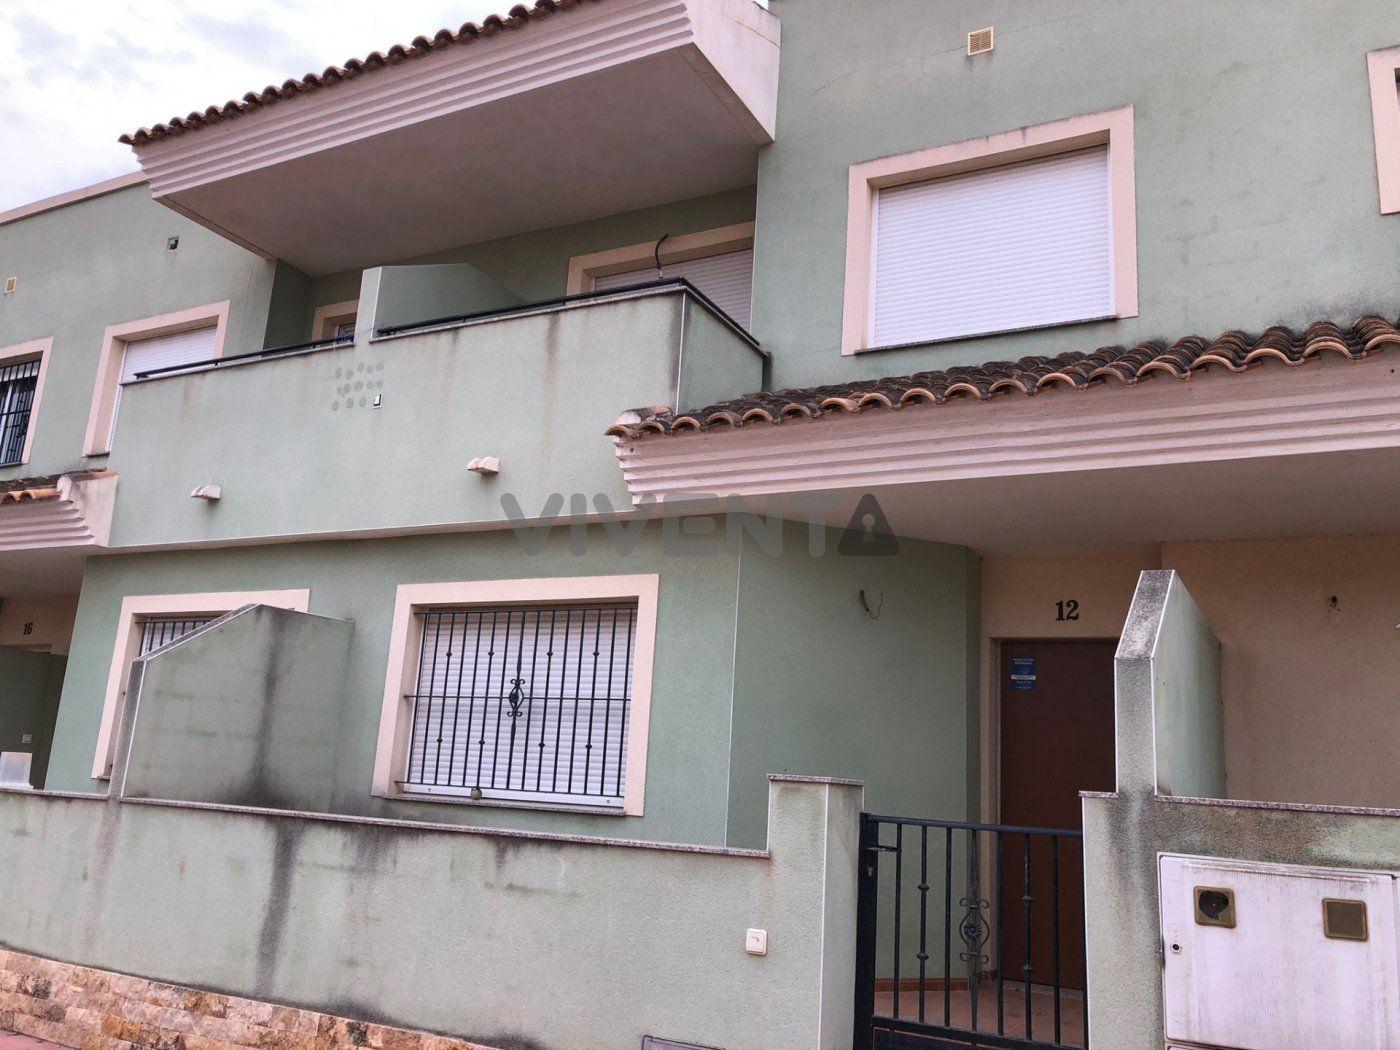 Dúplex · Torre - Pacheco · Torre Pacheco 145.000€€